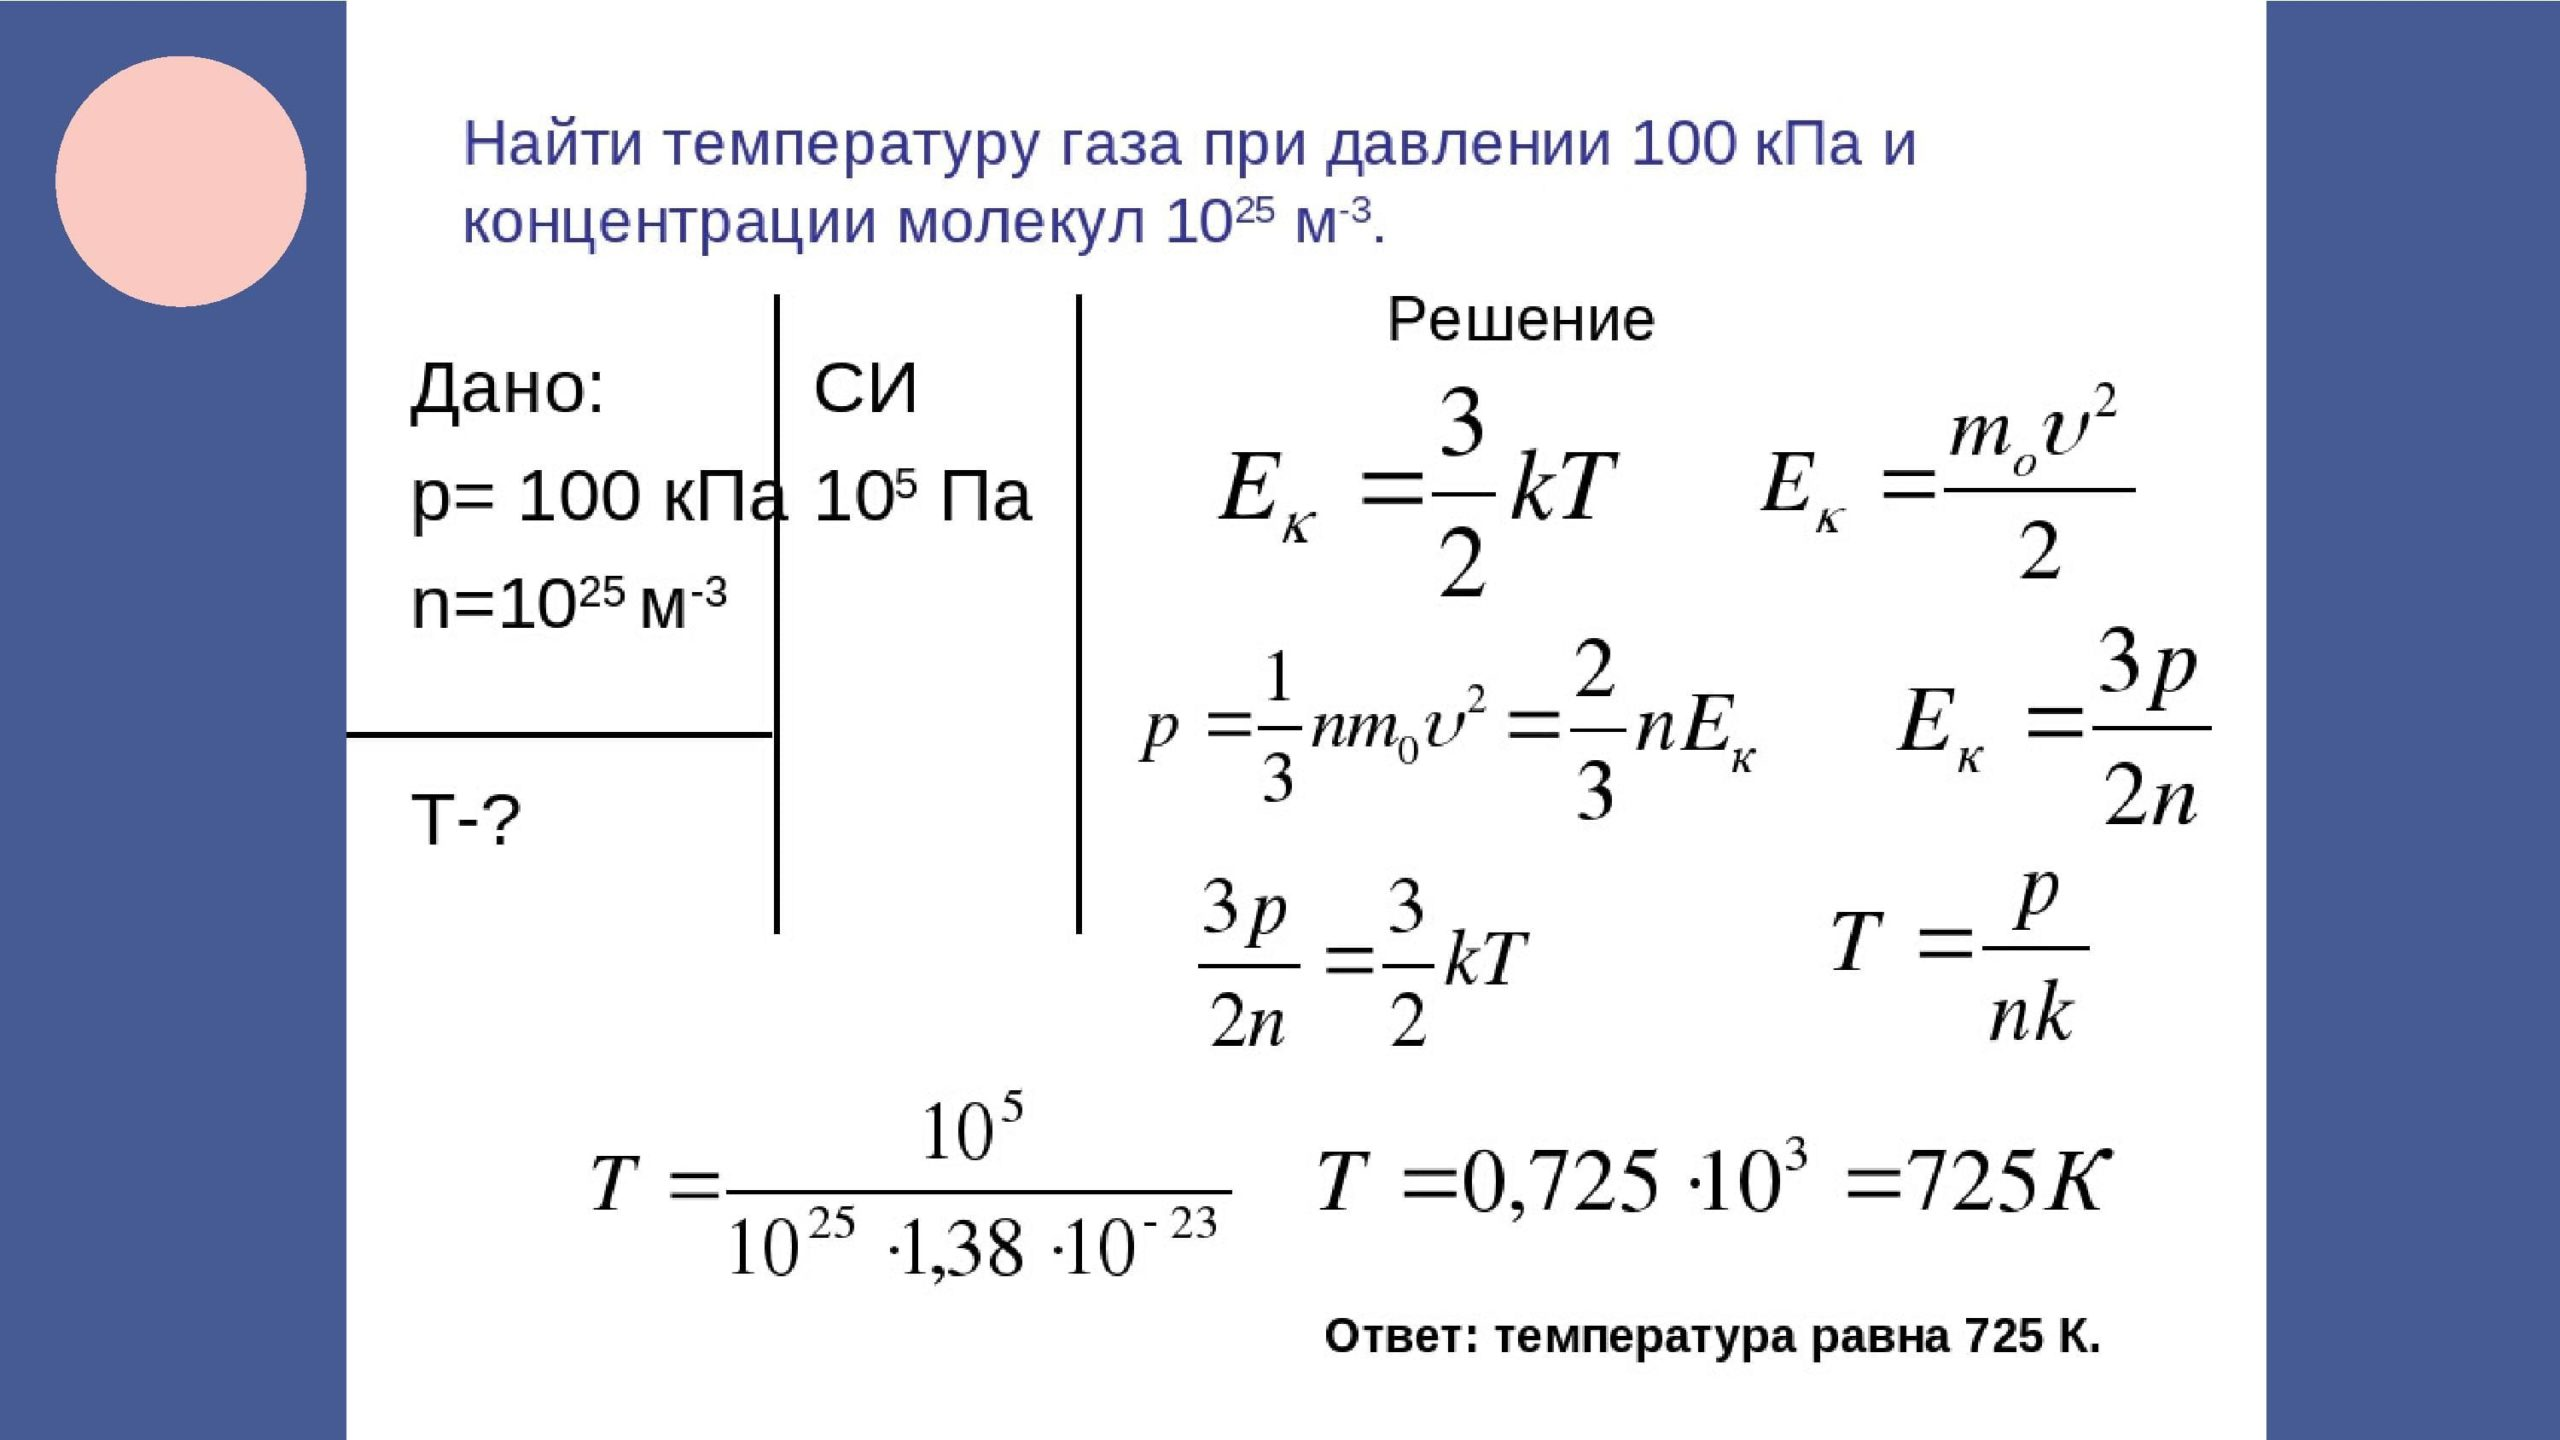 Найти температуру газа при давлении 100 кПа и концентрации молекул